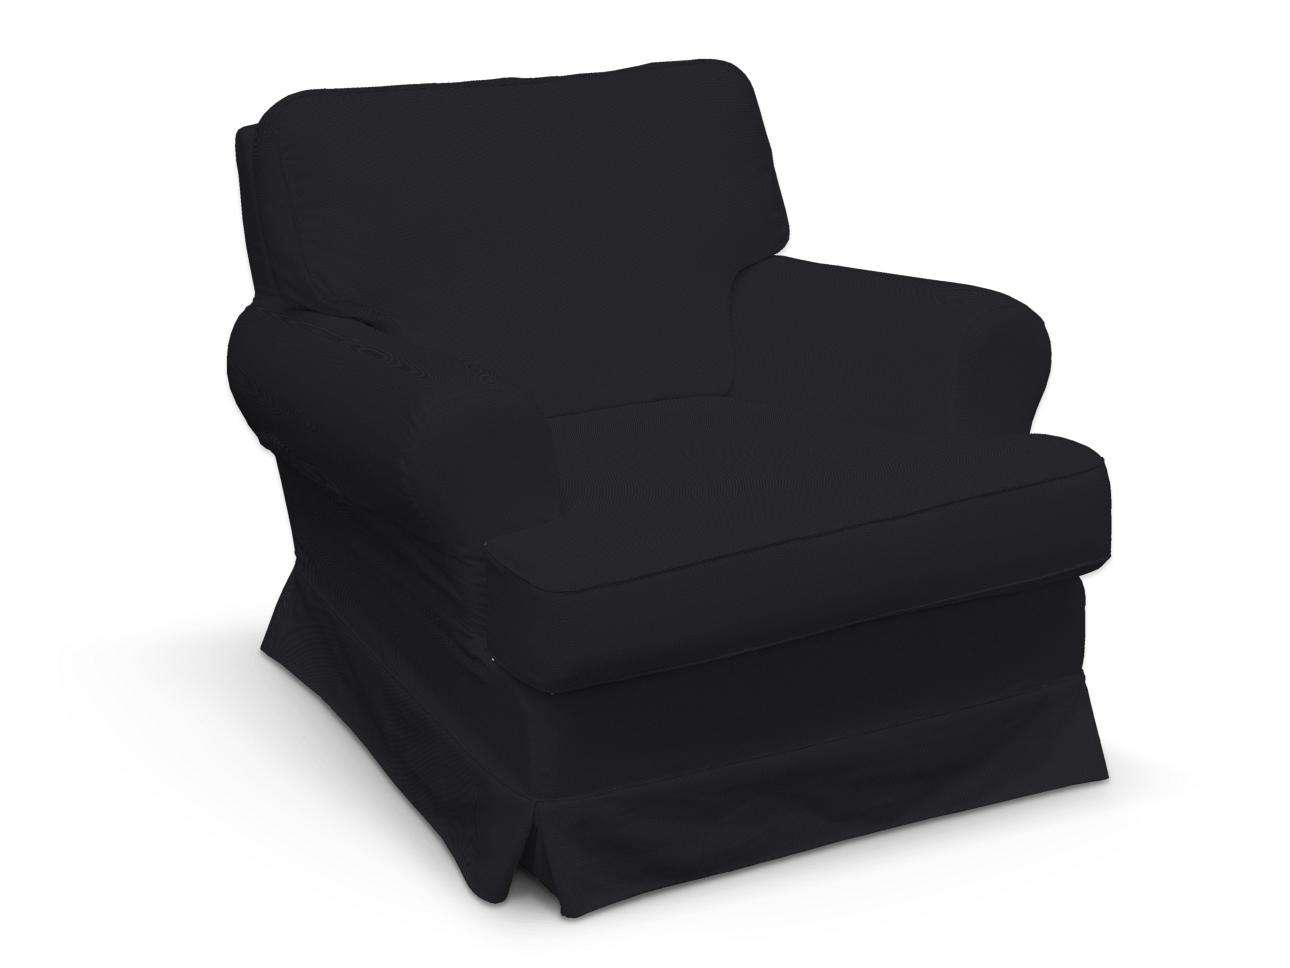 Pokrowiec na fotel Barkaby fotel Barkaby w kolekcji Etna , tkanina: 705-00